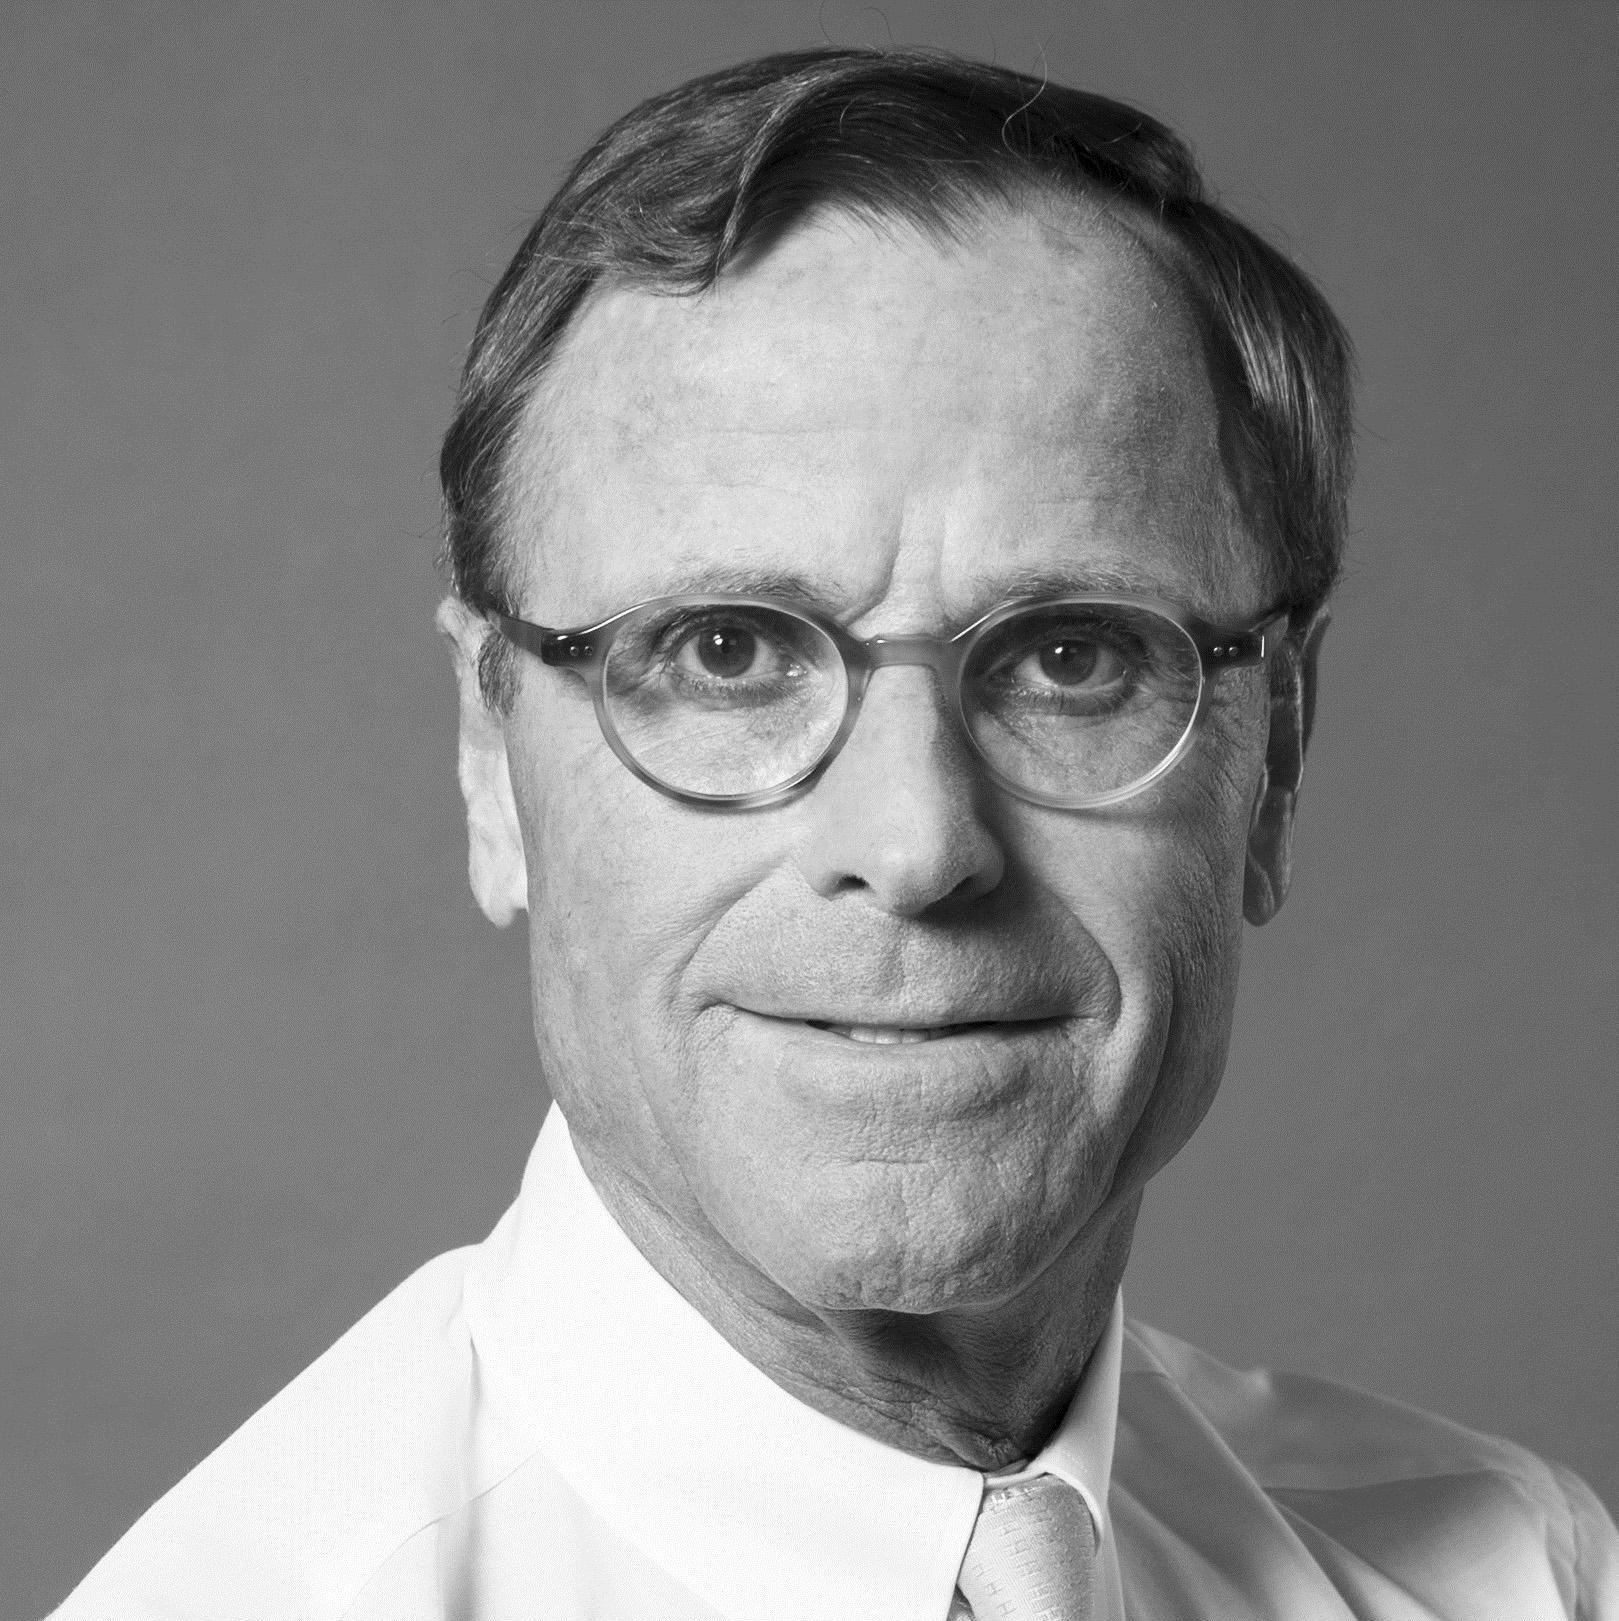 Ulrich strunz kritik dr Dr. Ulrich